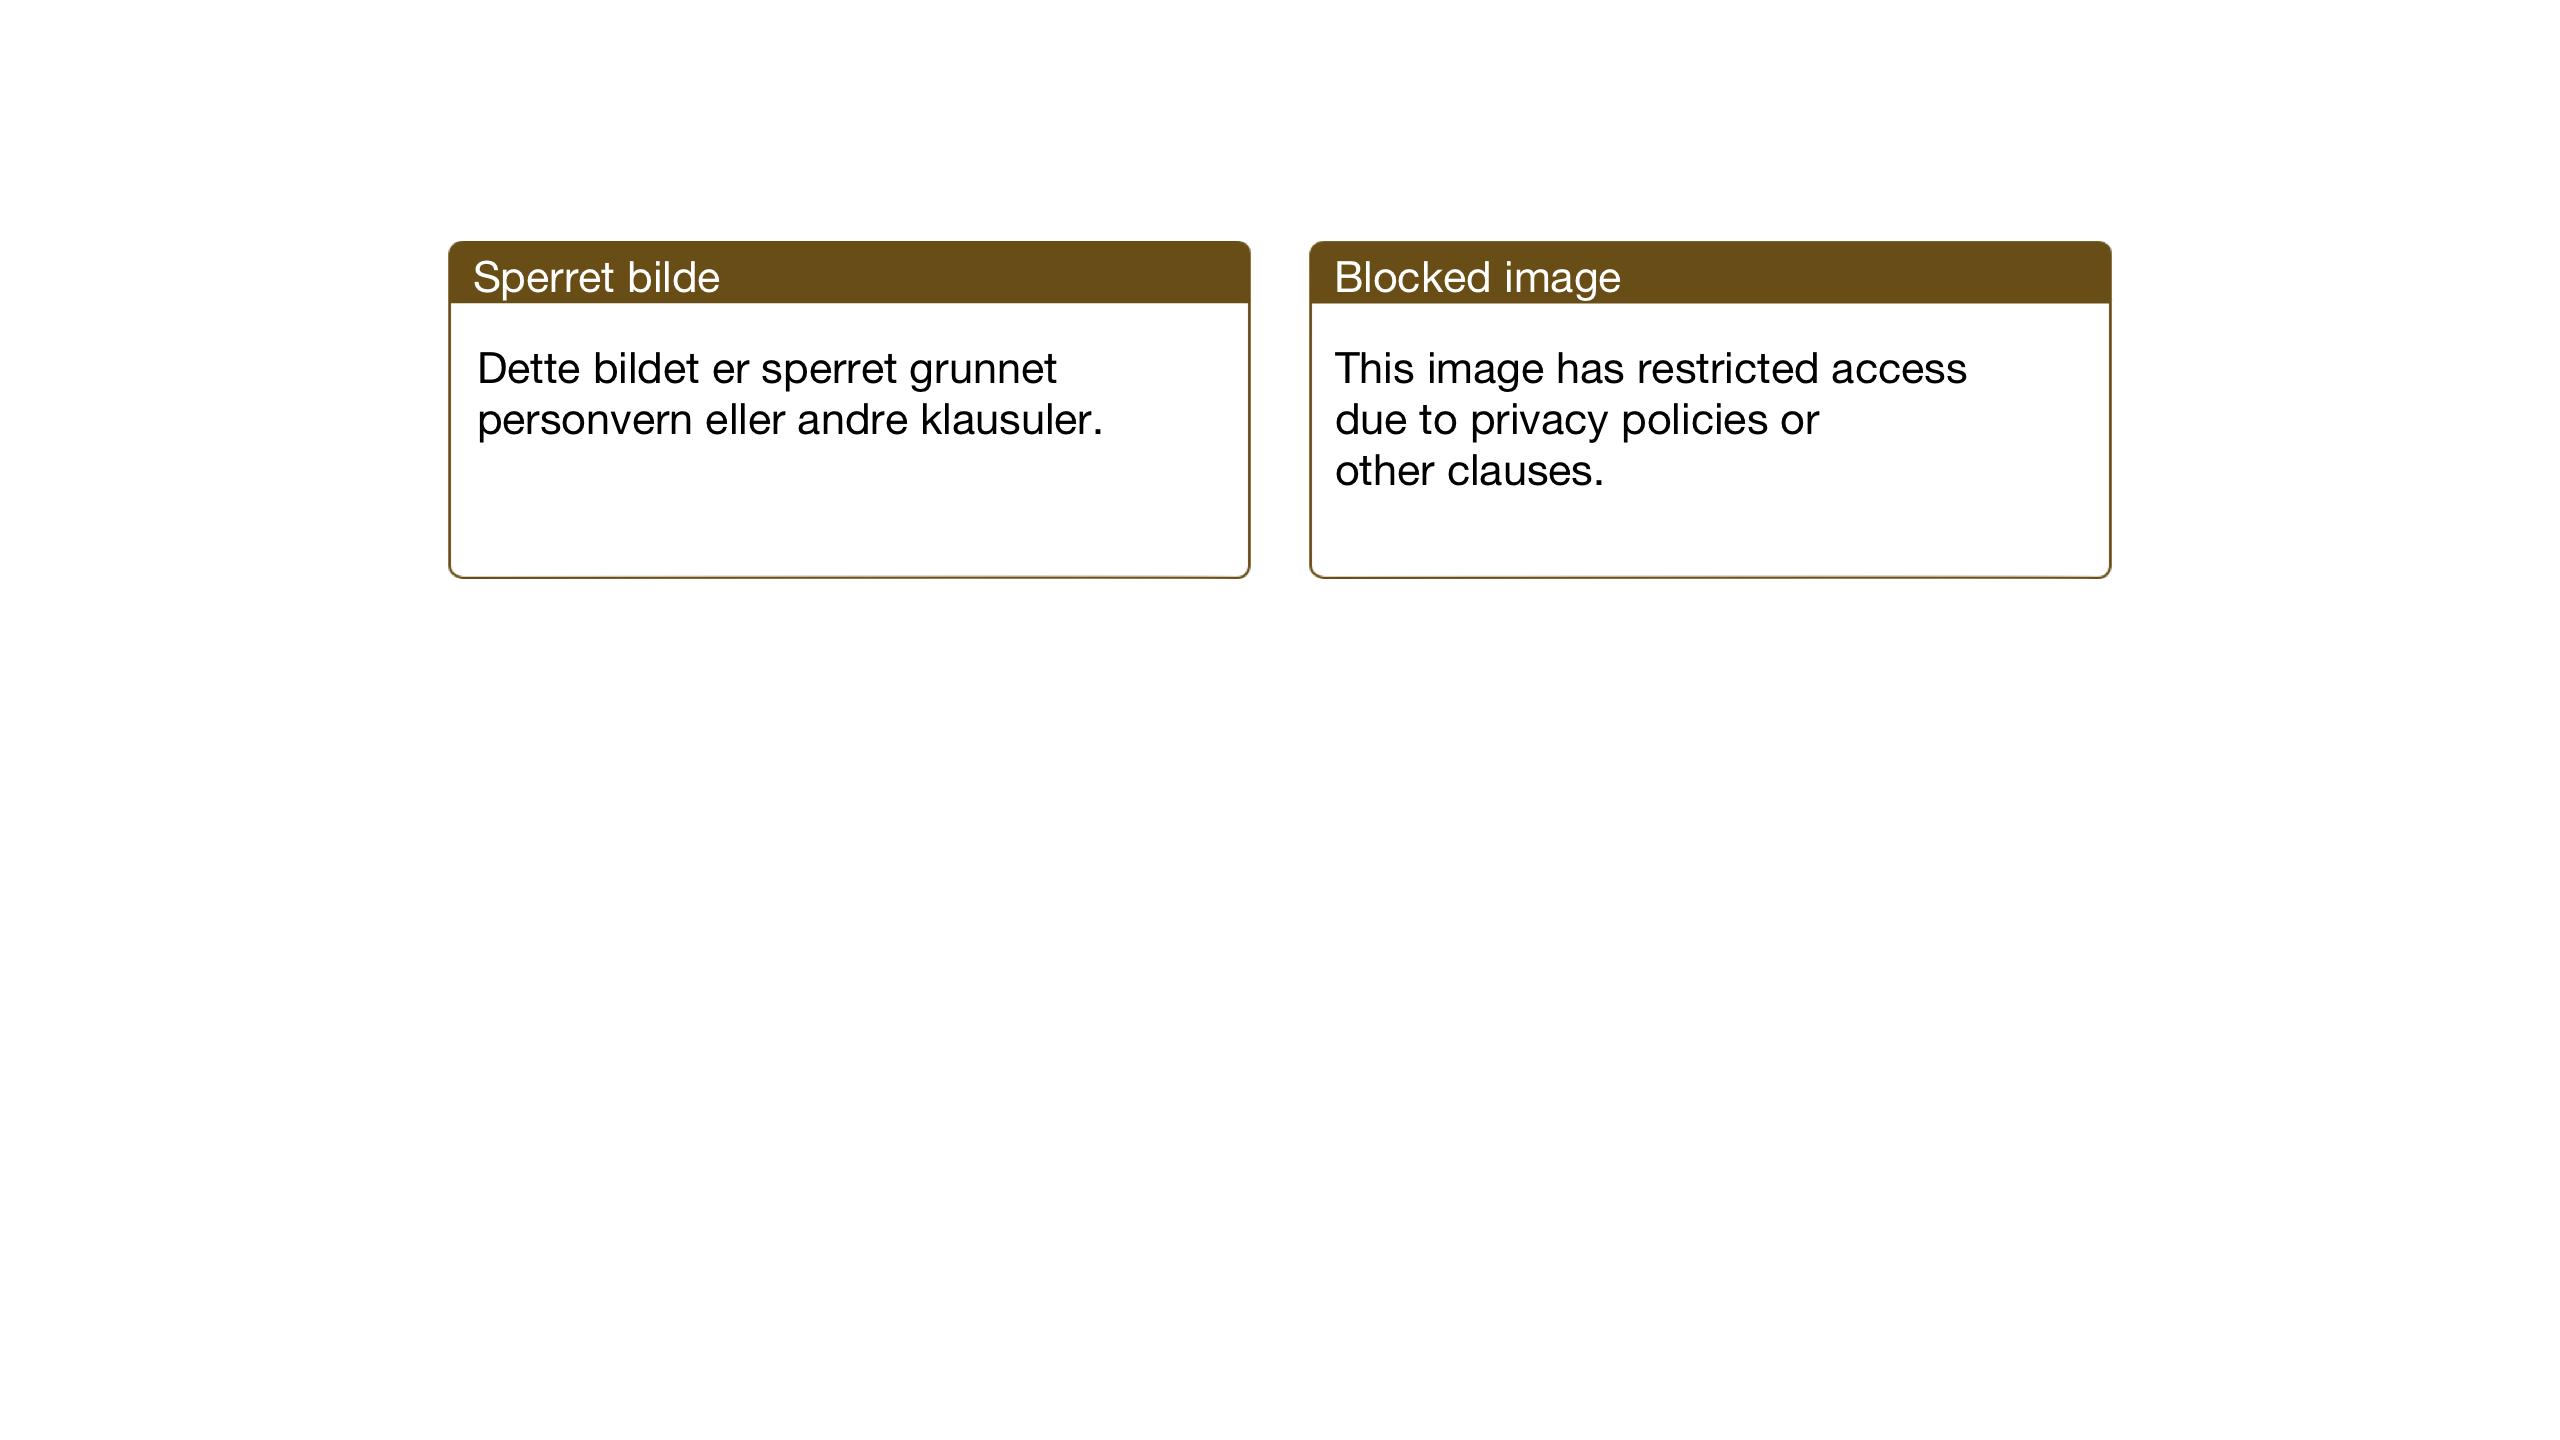 SAT, Ministerialprotokoller, klokkerbøker og fødselsregistre - Sør-Trøndelag, 655/L0690: Klokkerbok nr. 655C06, 1937-1950, s. 81